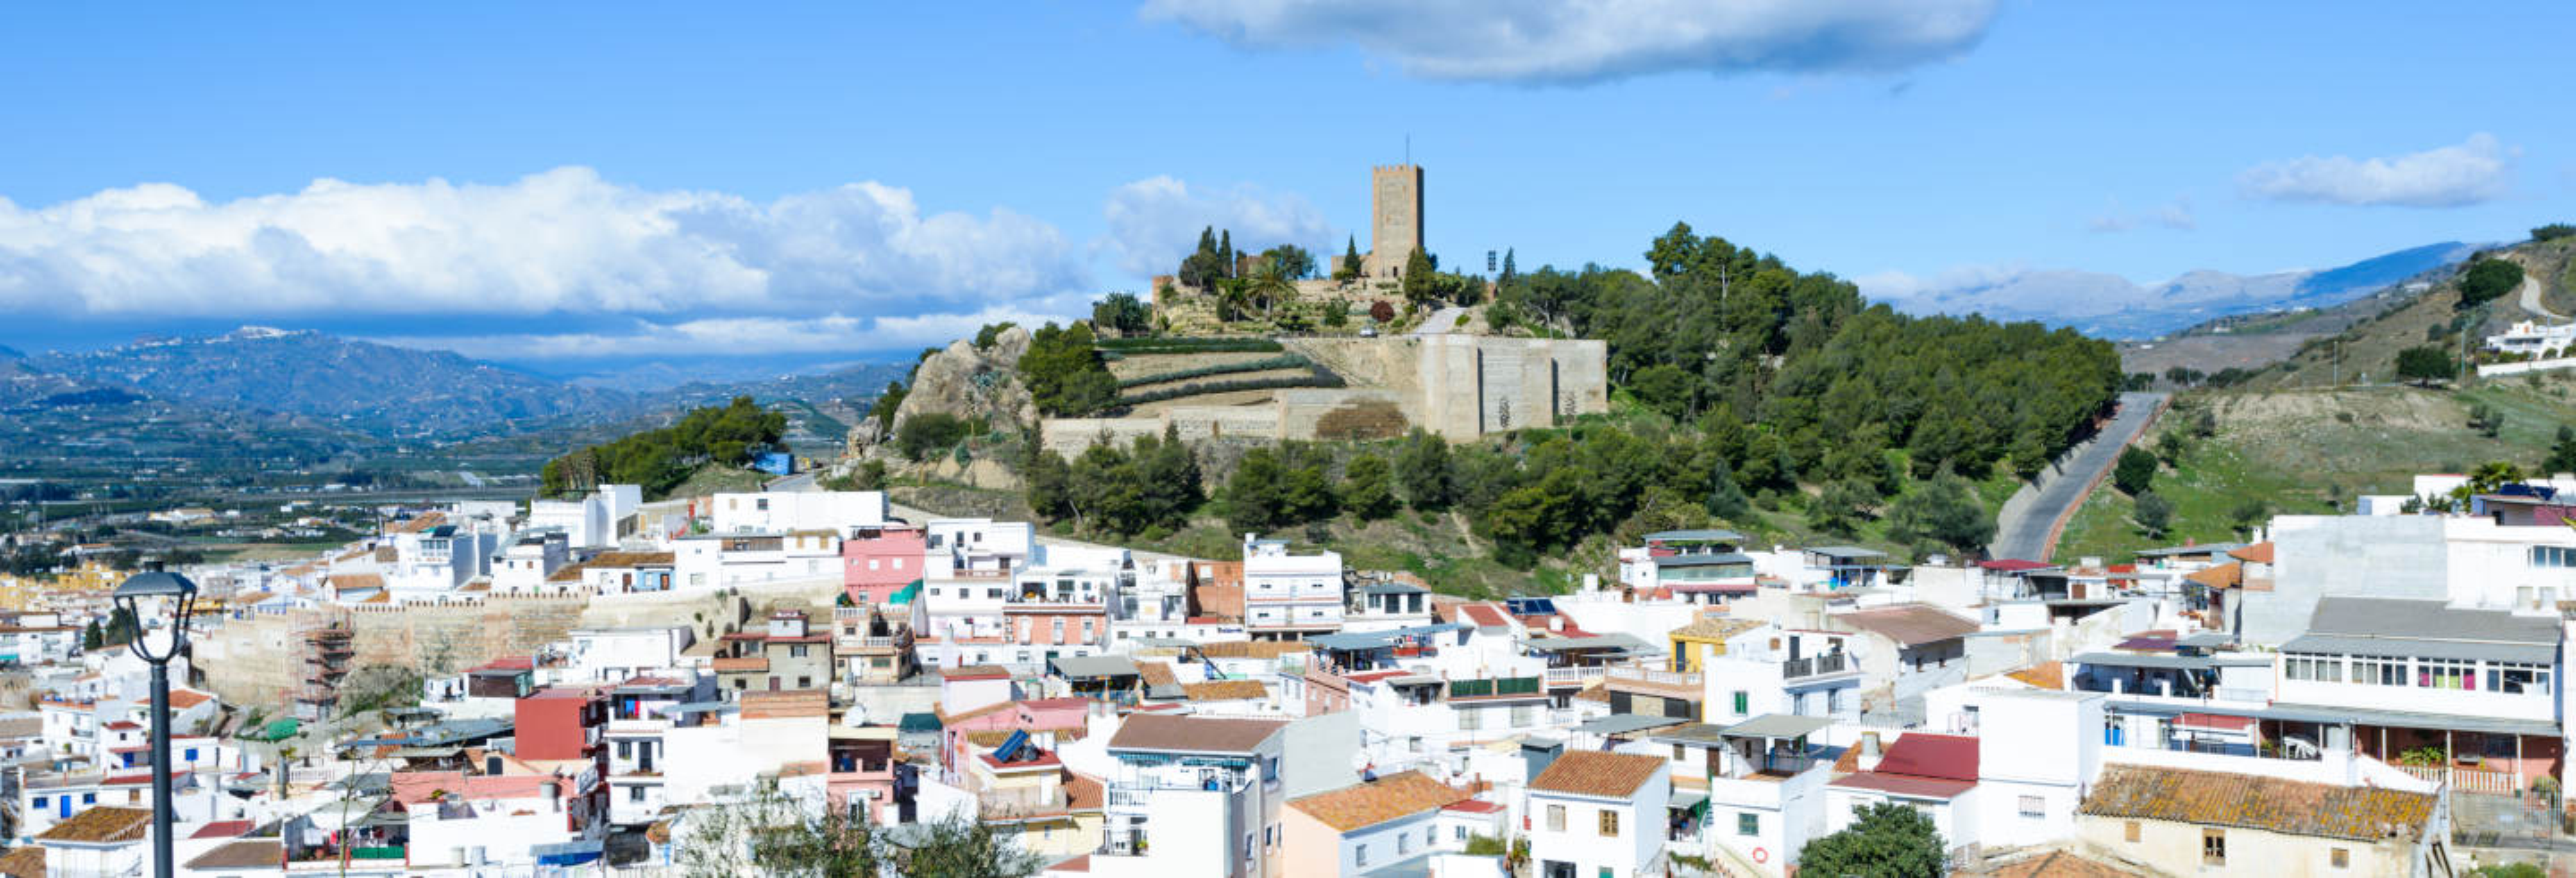 Excursión a Vélez-Málaga